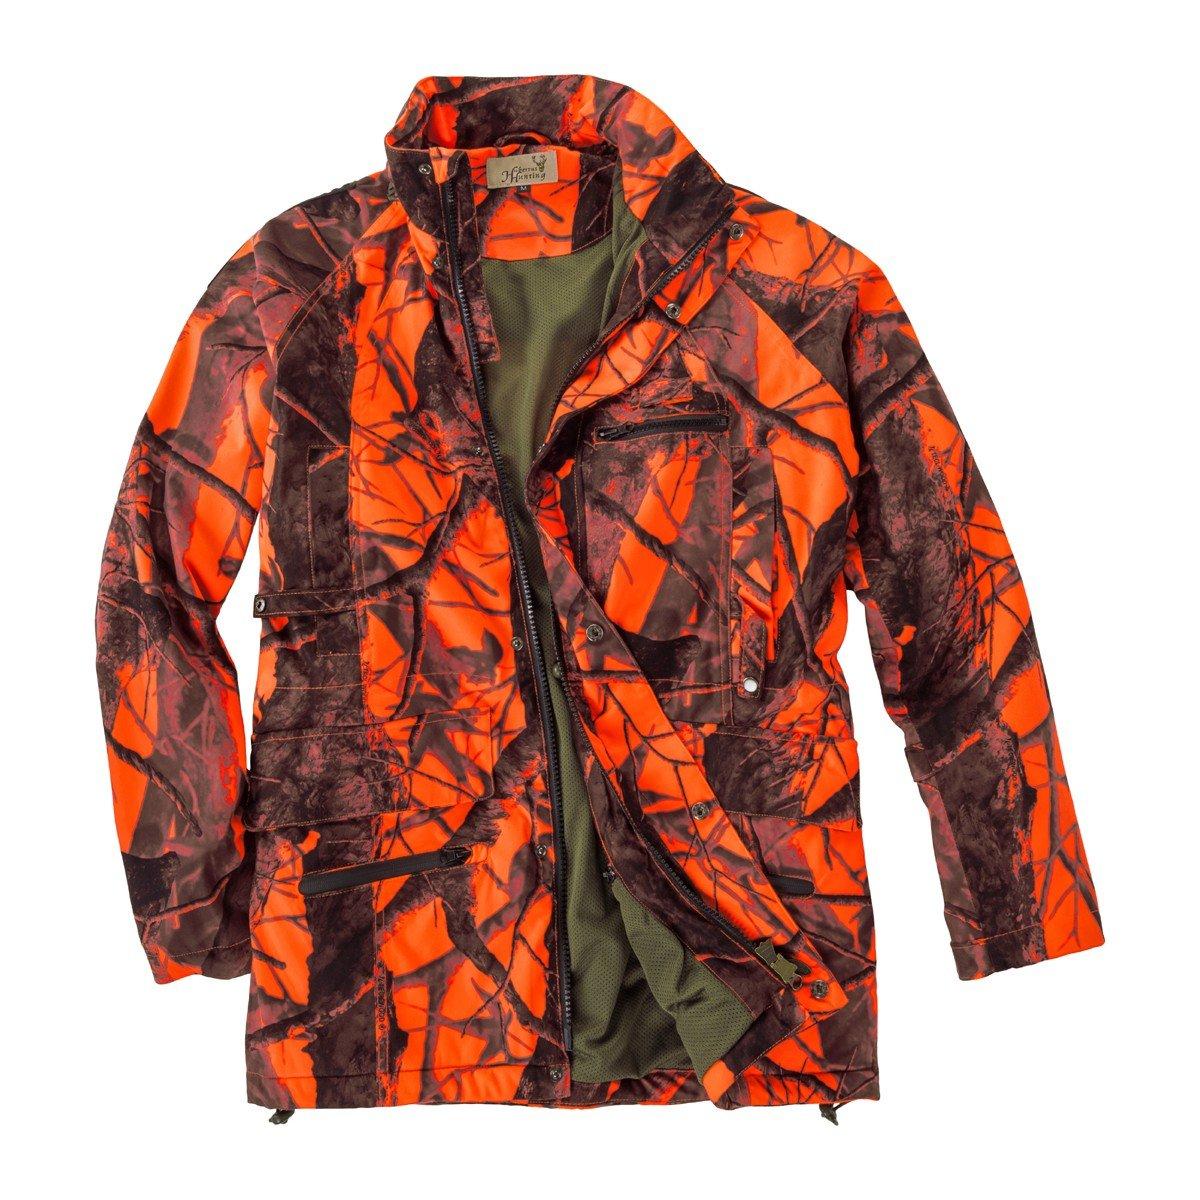 Hubertus Veste de chasse au signal orange surdimensionn/ée /à motifs orange